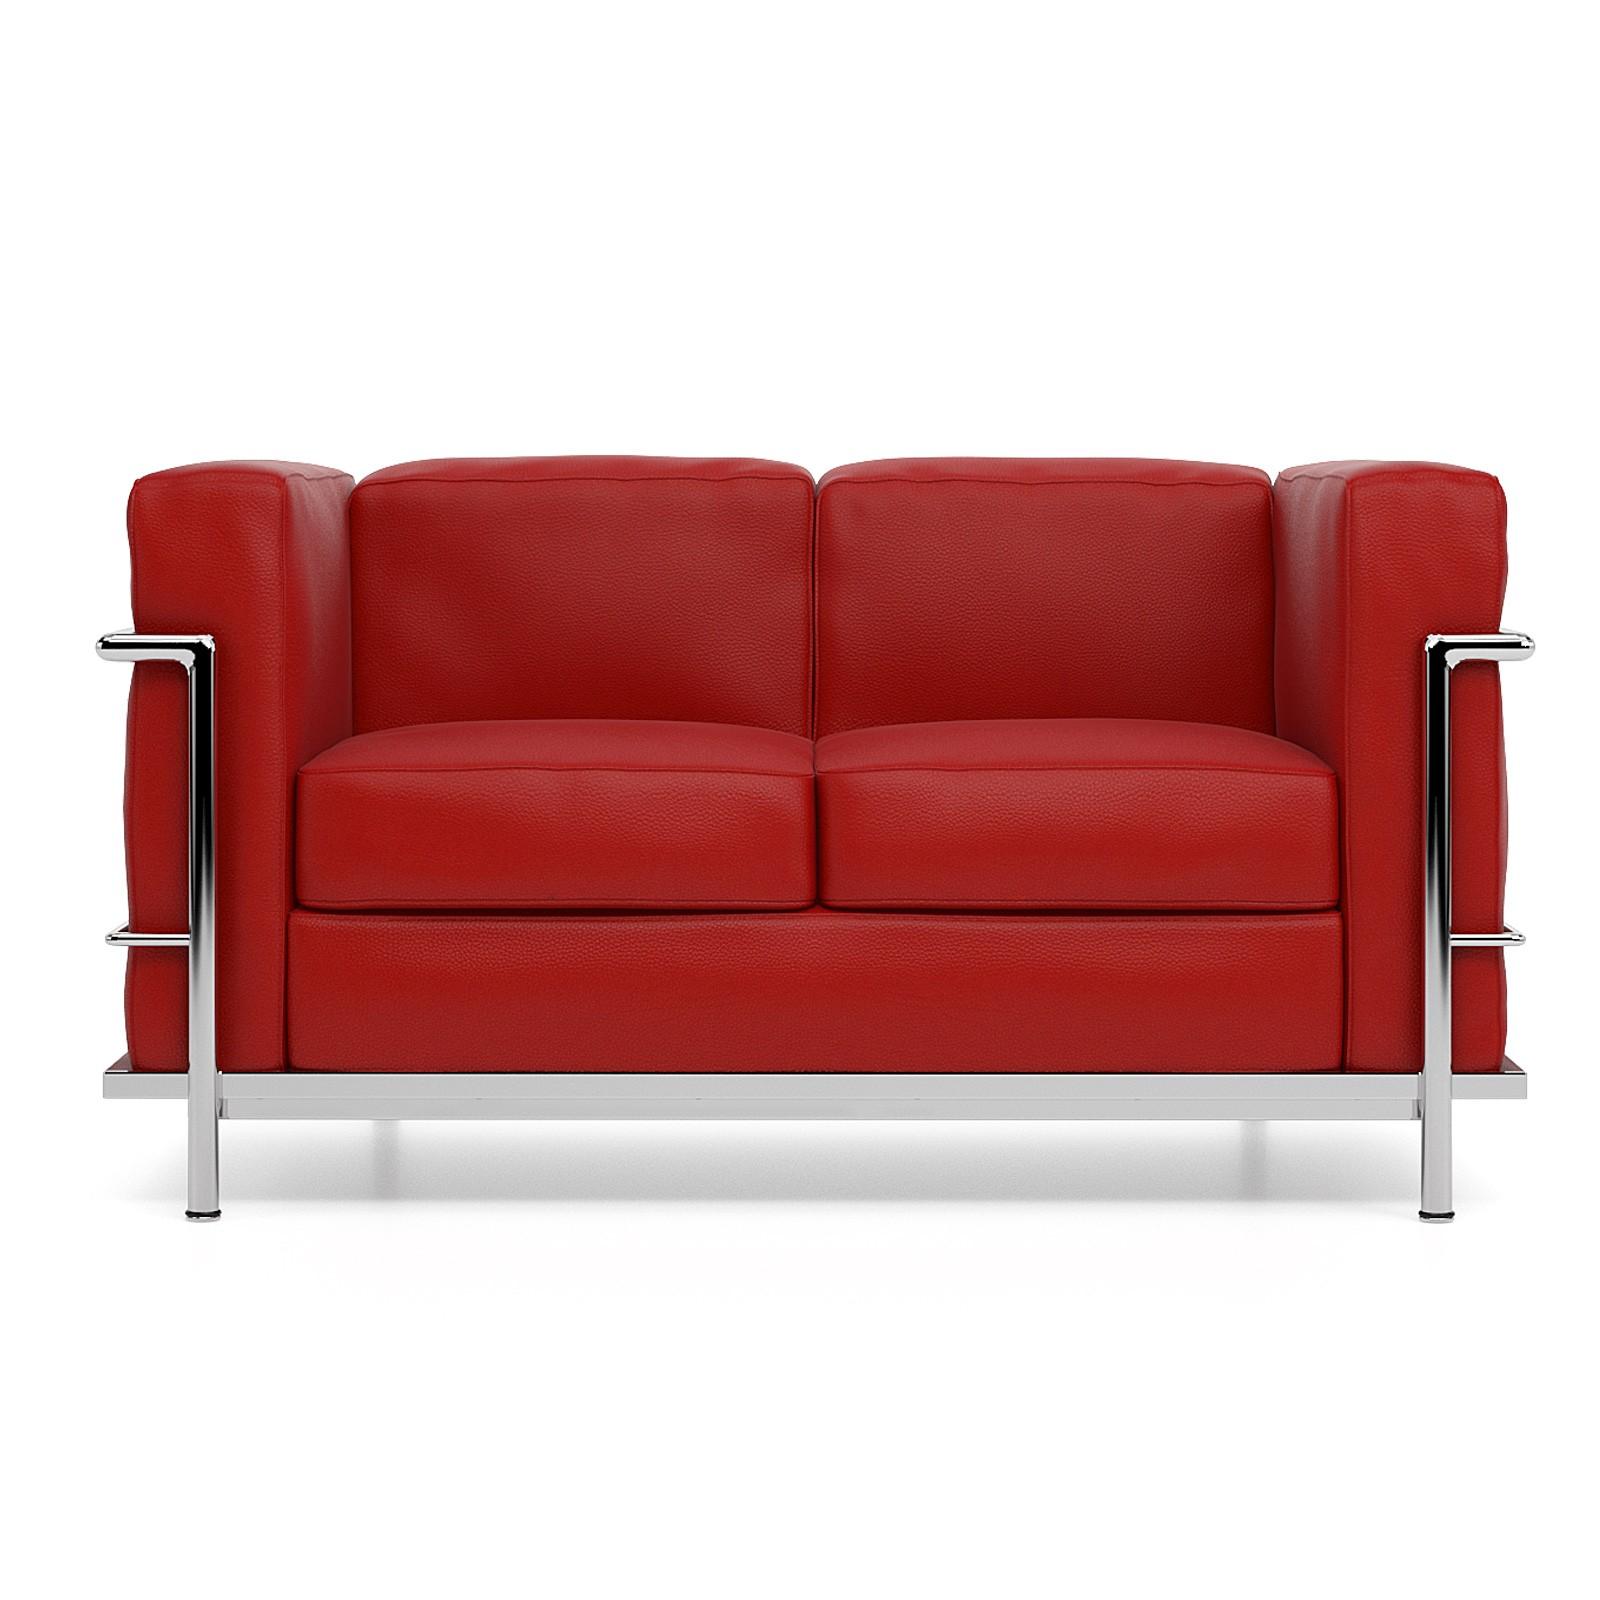 Canapé Lc2 Salon Le Corbusier